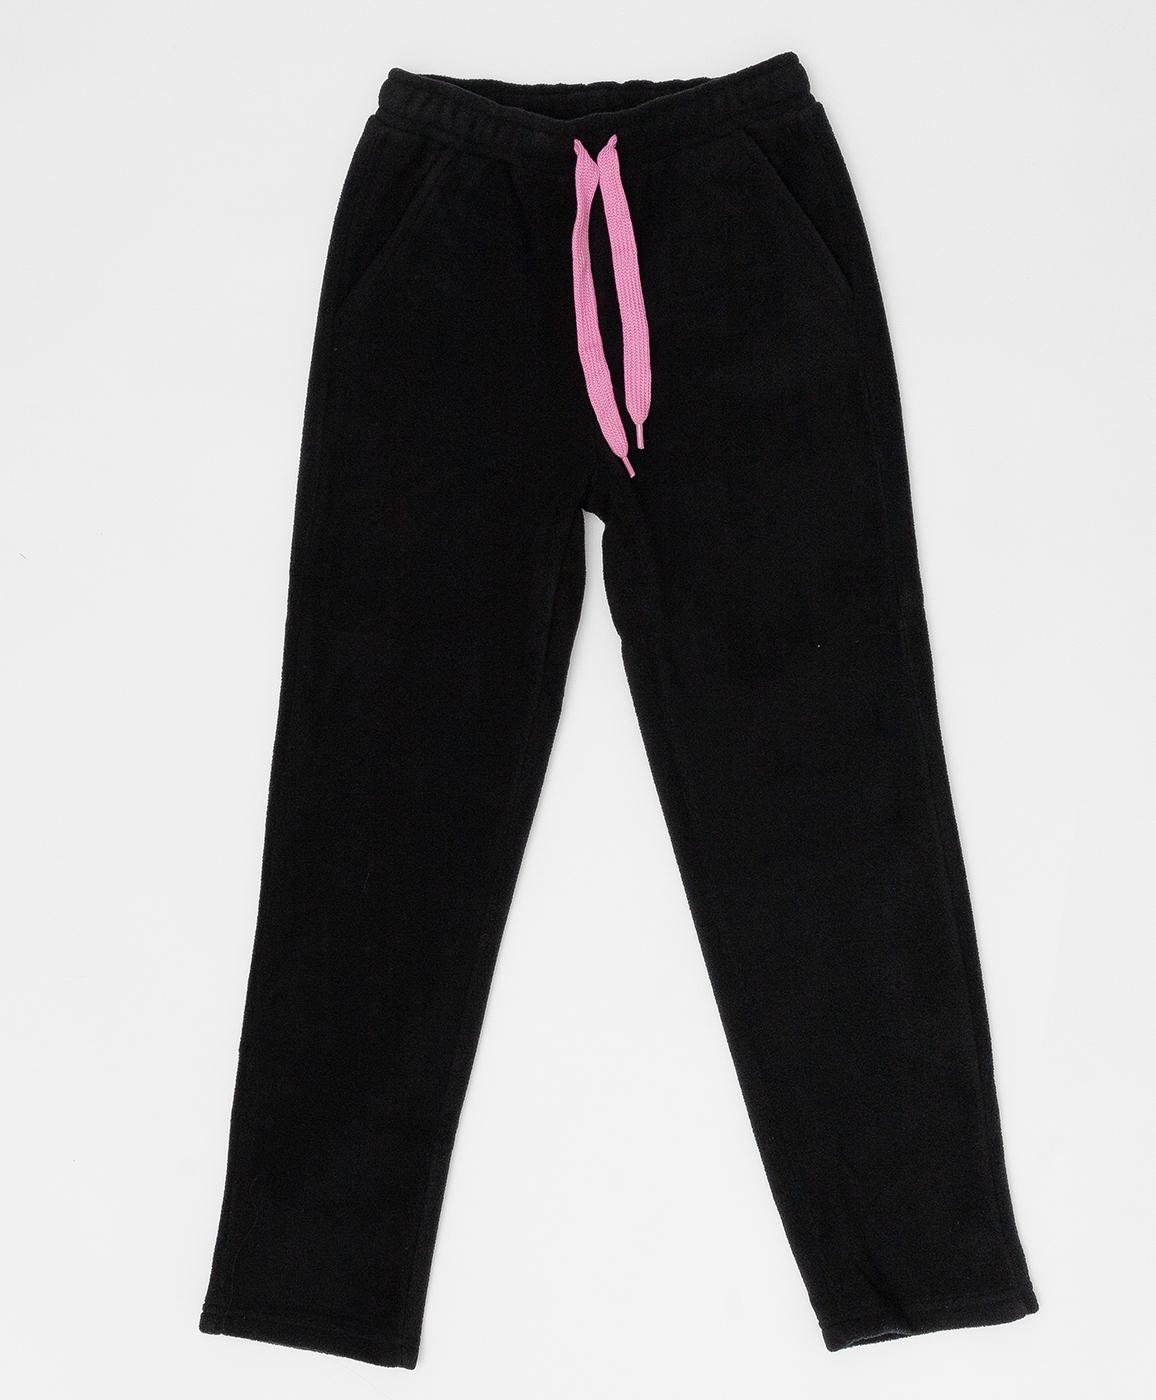 Купить 220BBGA56010800, Черные флисовые брюки Button Blue, черный, 116, Флис, Женский, Зима, ОСЕНЬ/ЗИМА 2020-2021 (shop: GulliverMarket Gulliver Market)